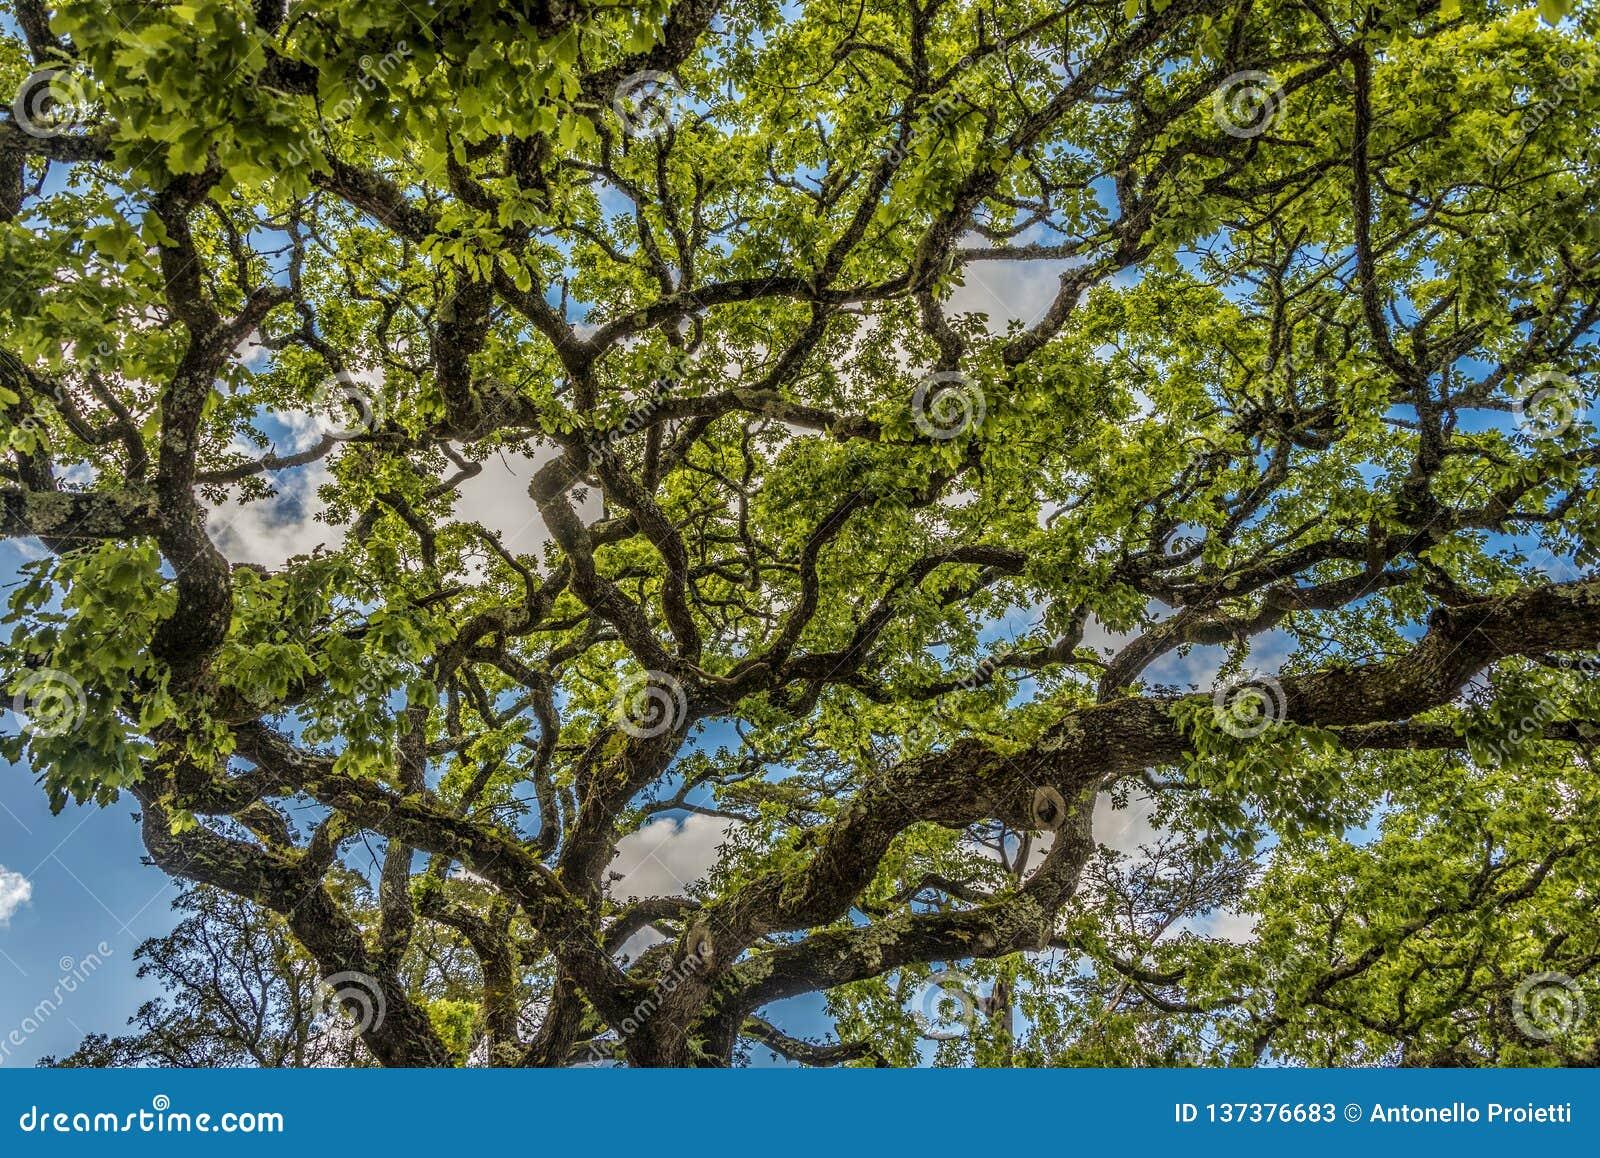 De verdraaide takken van een grote eiken boom in het Quinta de Regaleira-park